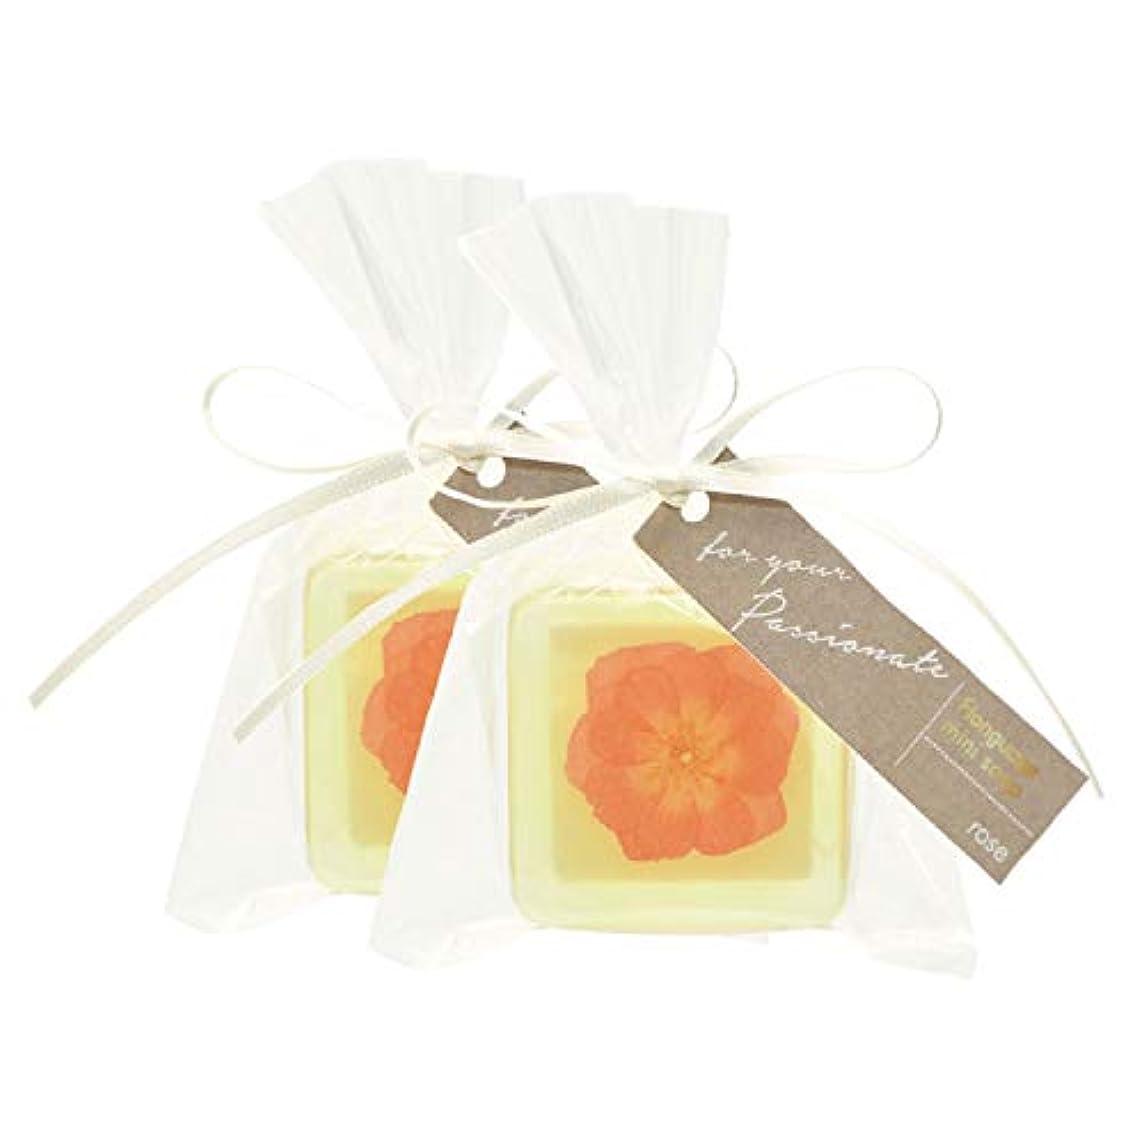 失効クレアシャベルノルコーポレーション ソープJスクエア 石鹸 柑橘 セット 52g×2個